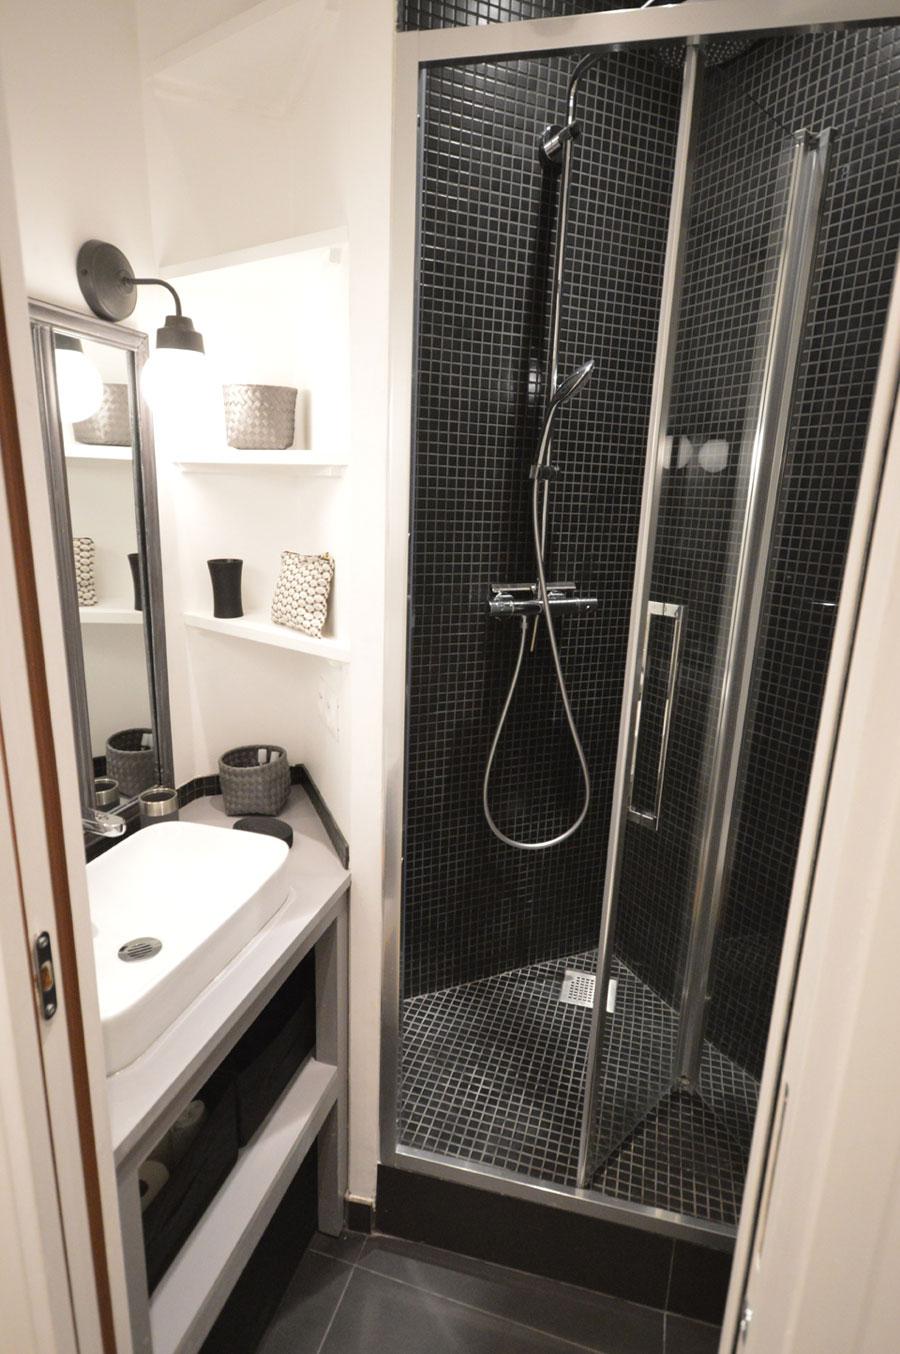 Verbouwing van een super kleine badkamer van nog geen 2m2!